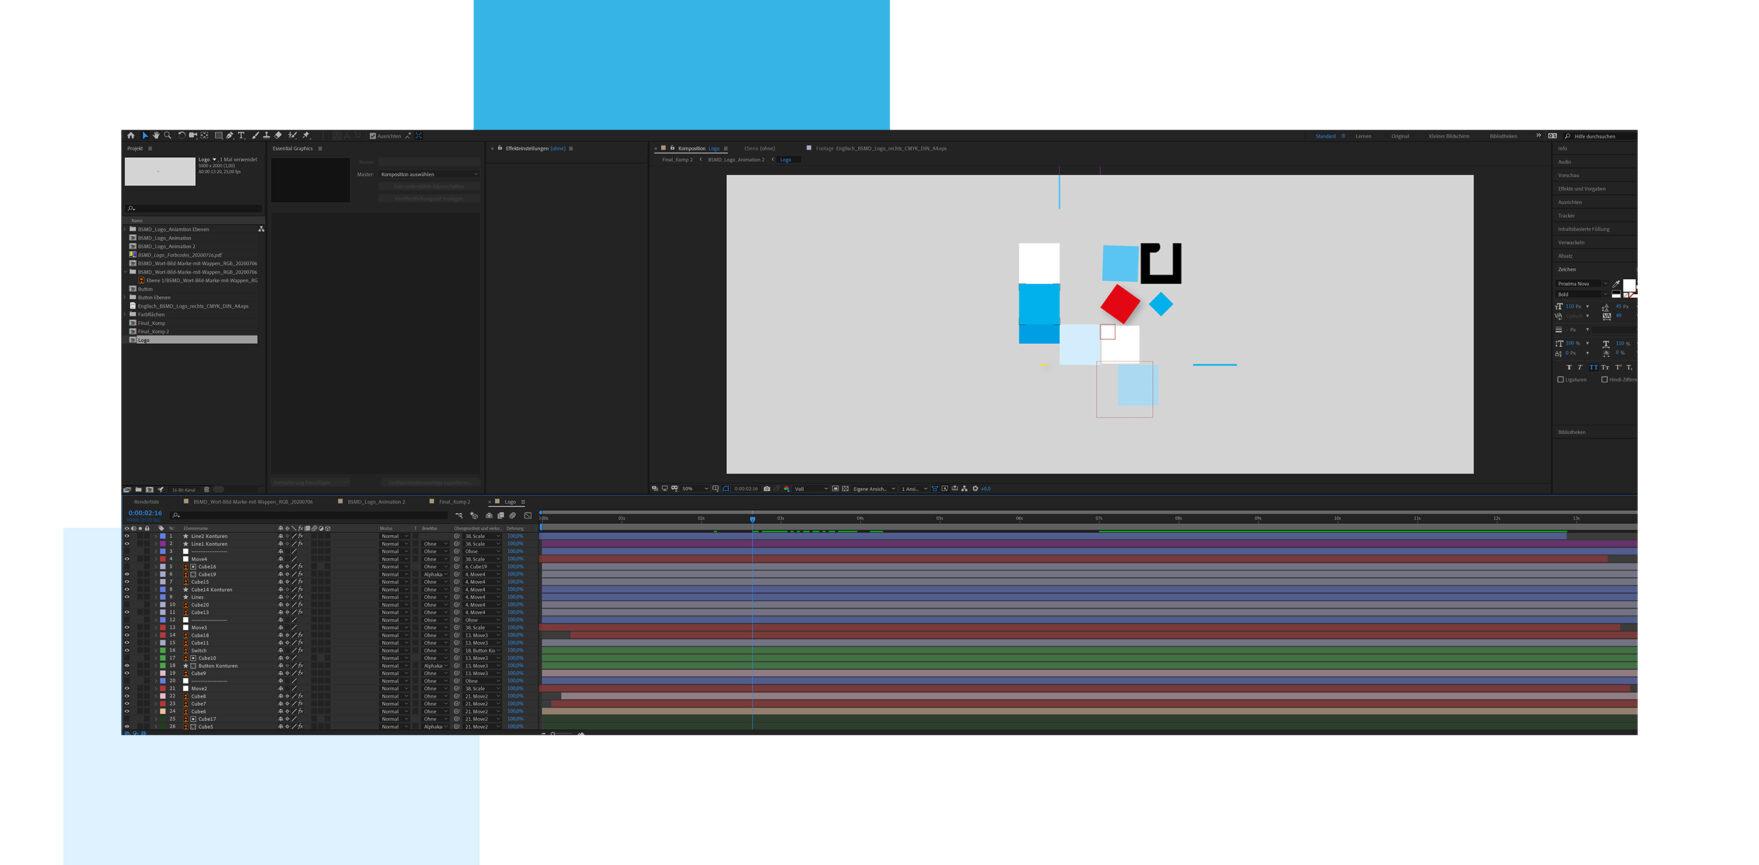 Entstehung Animation Wort-Bild-Marke Bayerisches Staatsministerium für Digitales